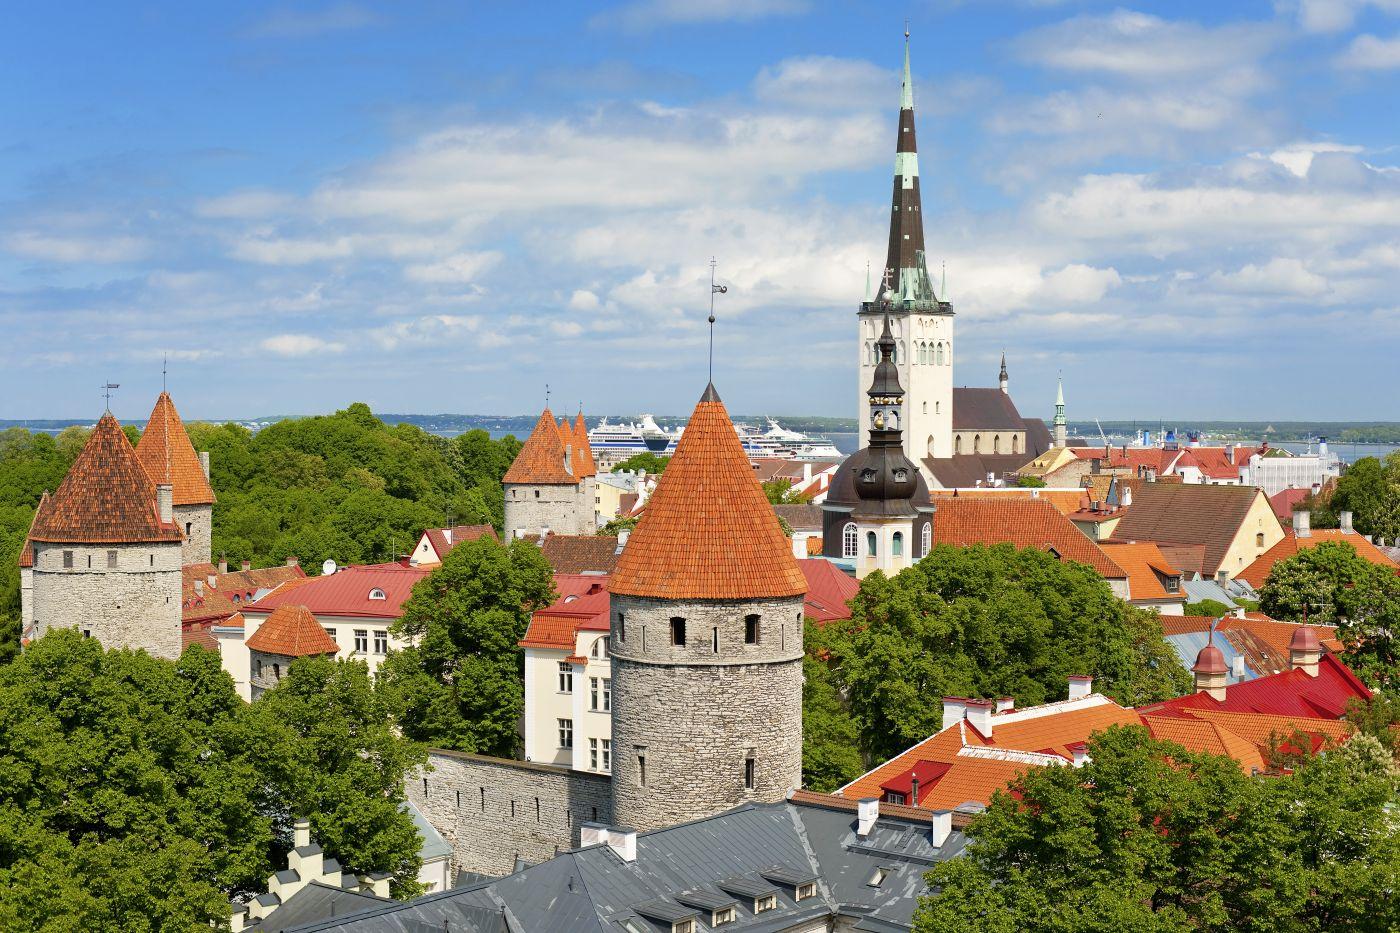 Tallinn_(c) Shotshop_SergiyN (c) Marco Polo Reisen